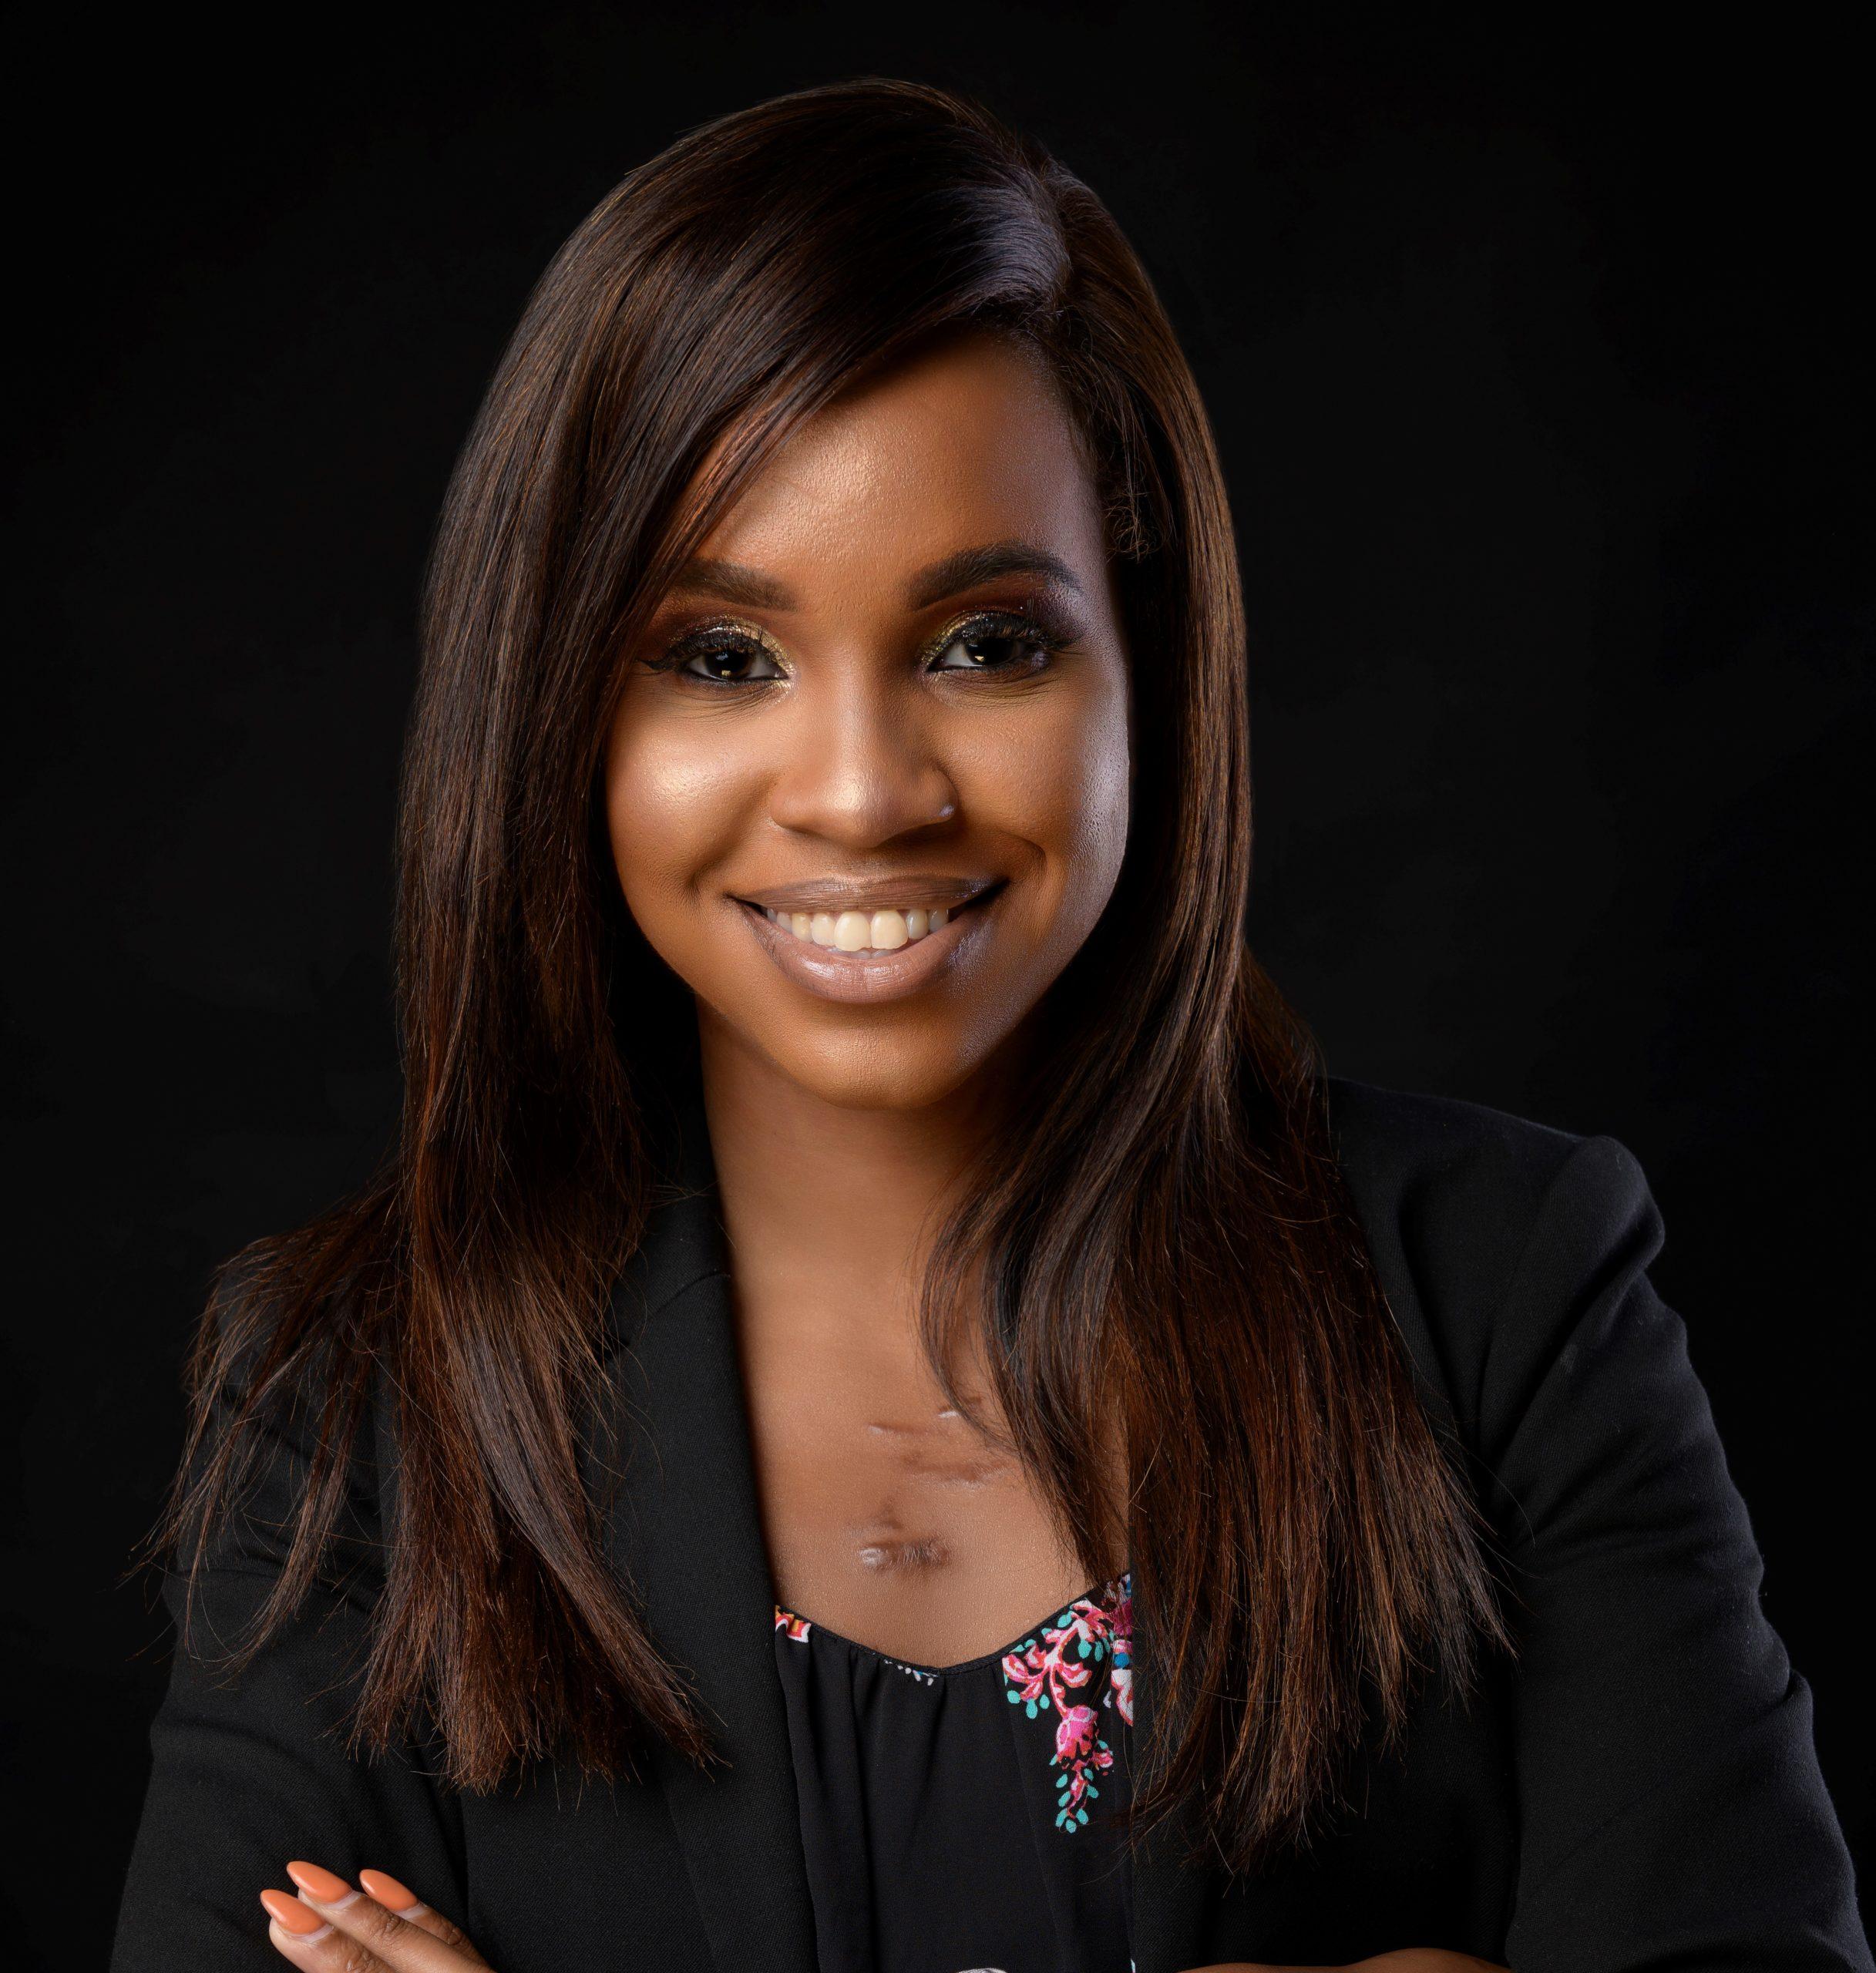 Felicia Prince